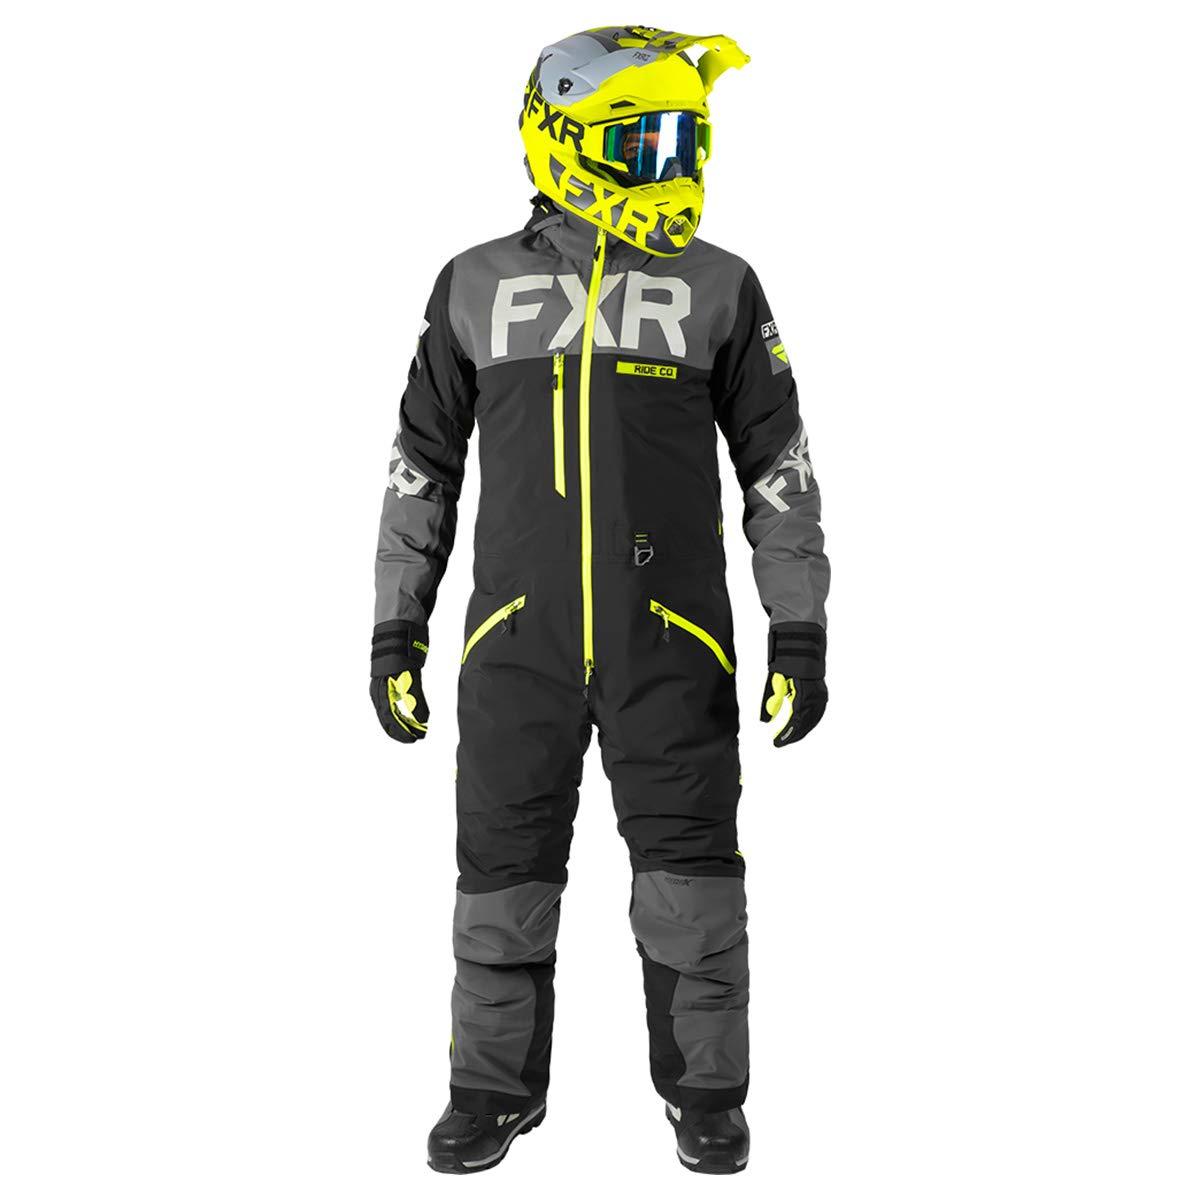 Black//Charcoal//Hi Vis, Medium FXR Mens Helium Lite Trilaminate Monosuit FXR Racing